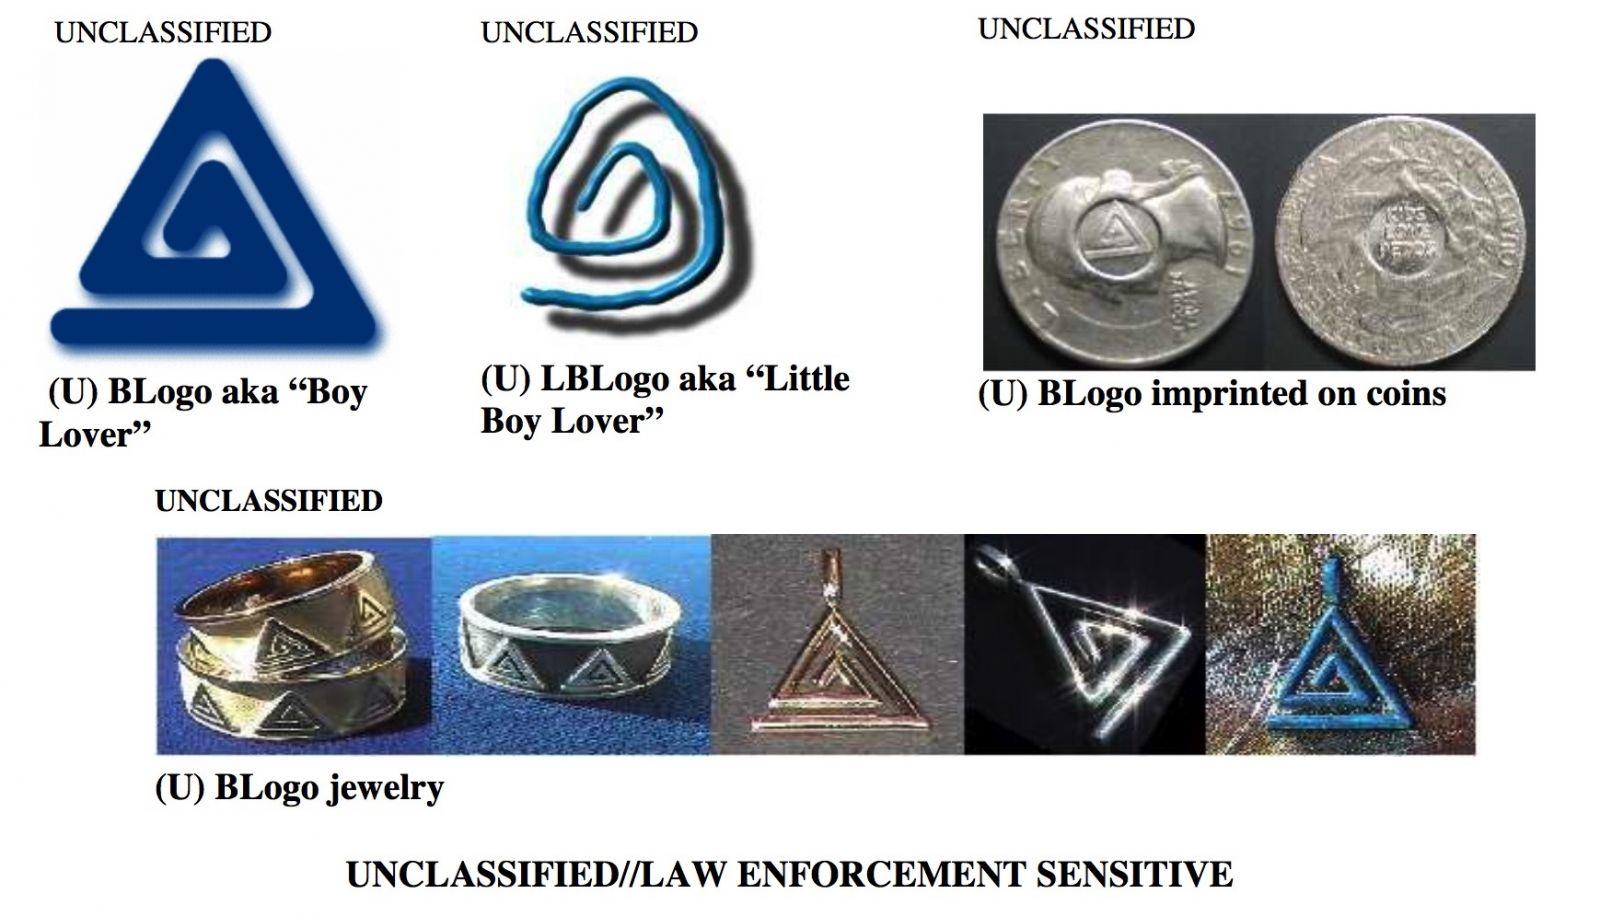 fbi_logos